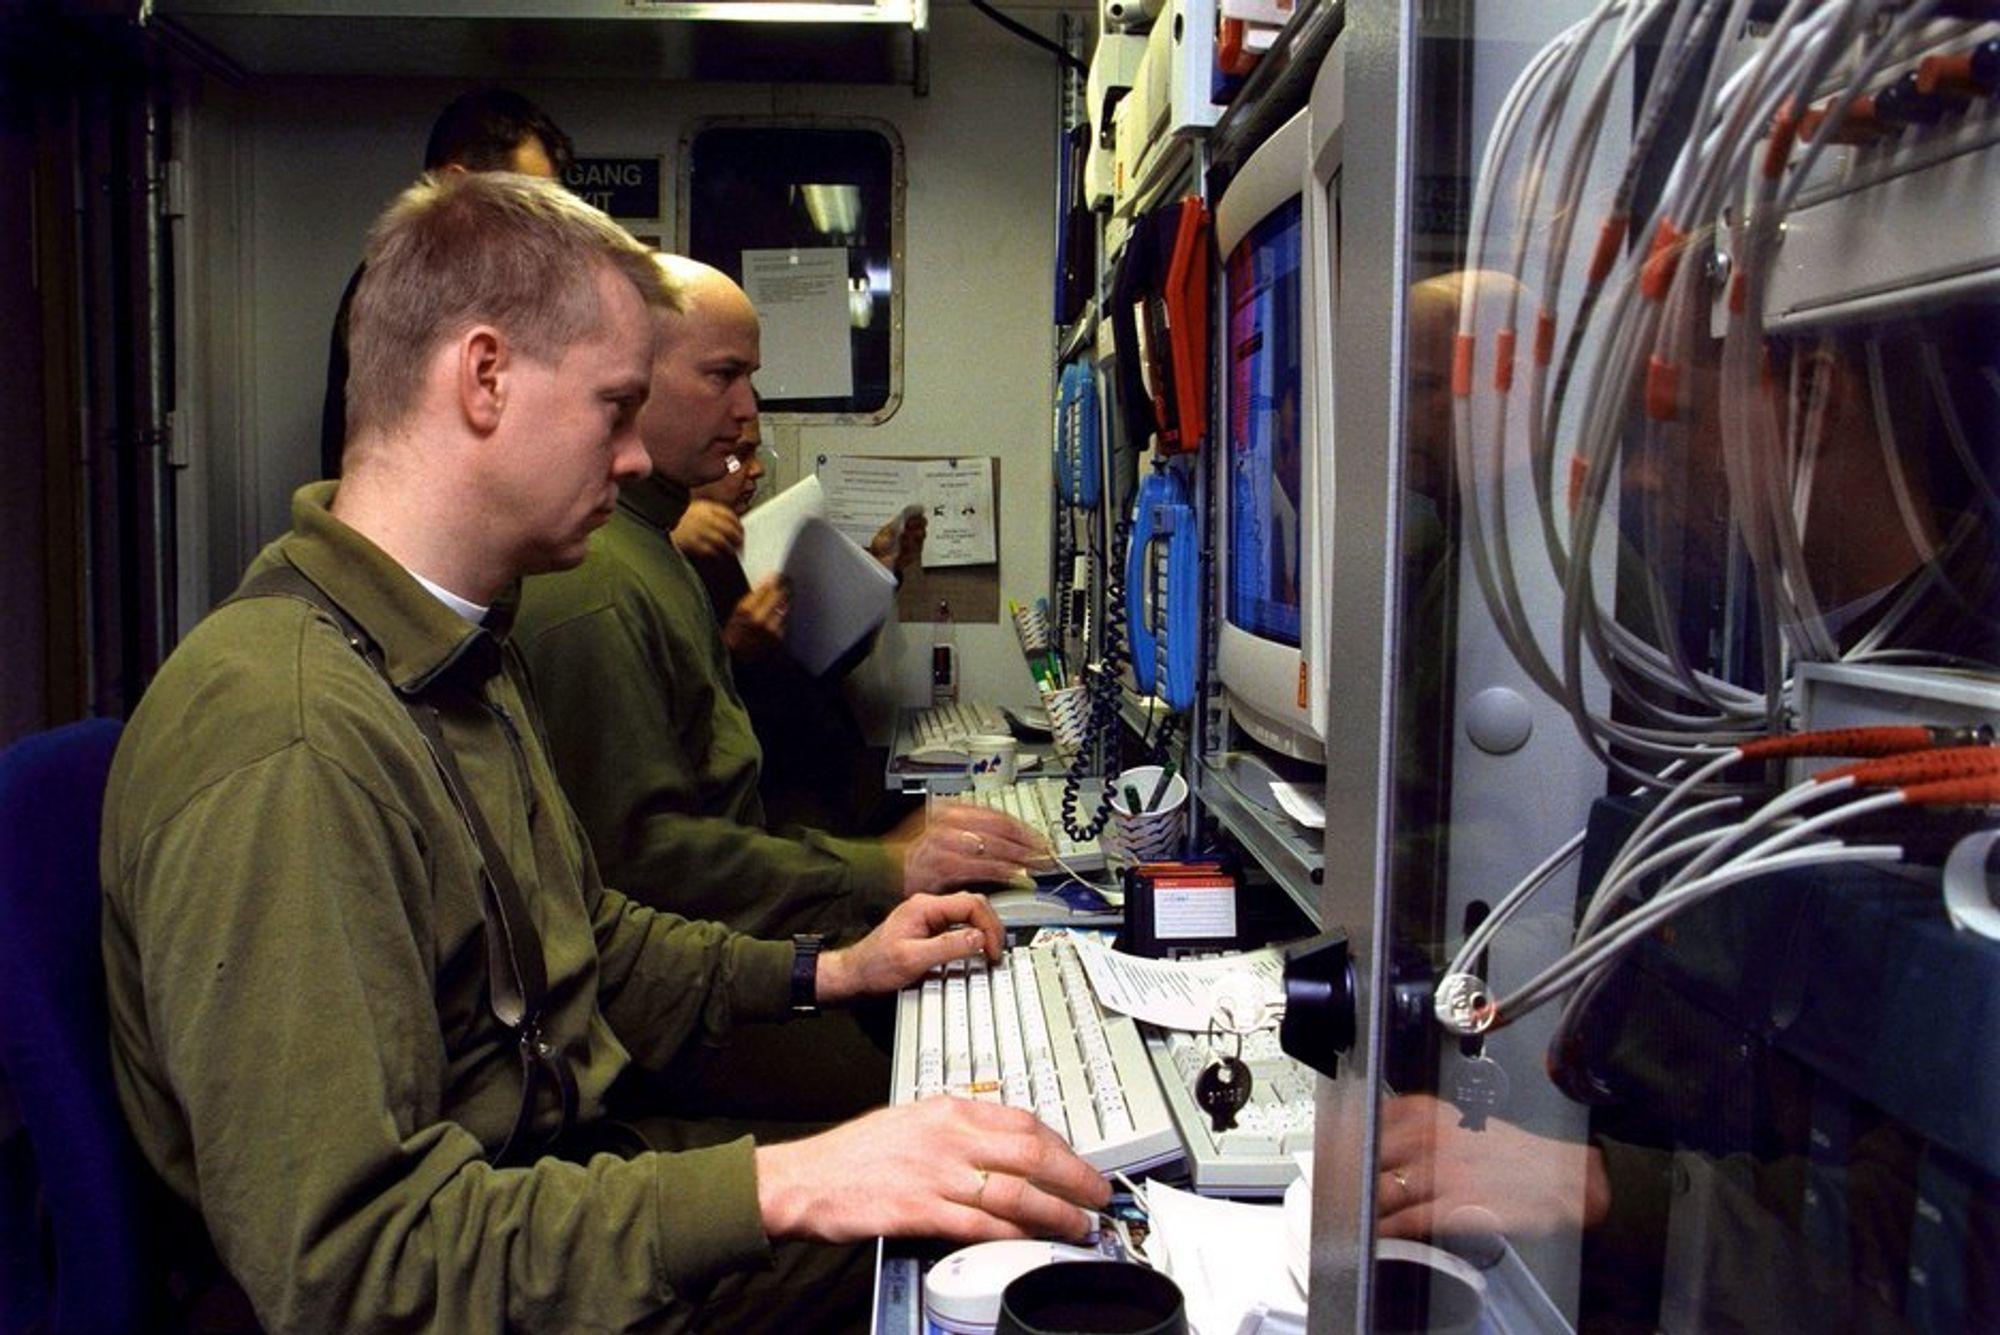 Enklere. Forsvarets datasystemer skal bli mindre forvirrende for brukerne.Foto: Forsvaret